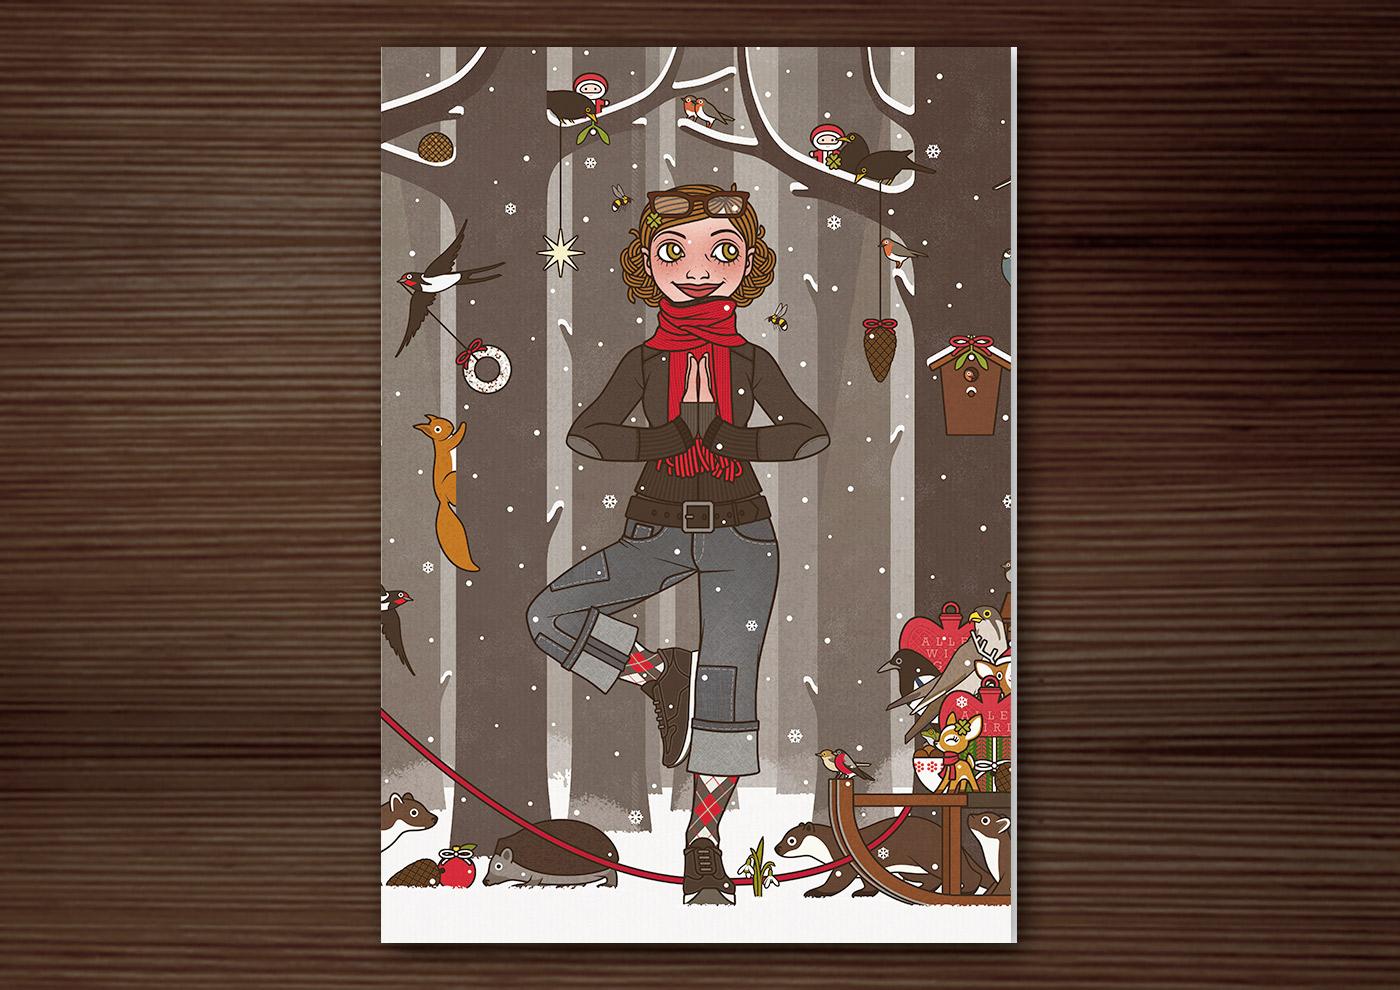 Zeichnung von einem Mädchen, das zur Feier von Winter, Weihnacht, Advent, Silvester und Neujahr im winterlich verschneiten Wald Yoga in Baumpose turnt und Geschenke wie Meisenringe, Äpfeln und Vogelfutter und Glücksklee für die Tiere des Waldes wie Eichhörnchen, Füchse, Rehe, Rotkehlchen, Kohlmeise, Stieglitz, Gimpel und Amsel mitgebracht hat, während Waschbär, Dachs und Marder einen Meisenknödel vom Schlitten stehlen, für Lily Lux von Iris Luckhaus